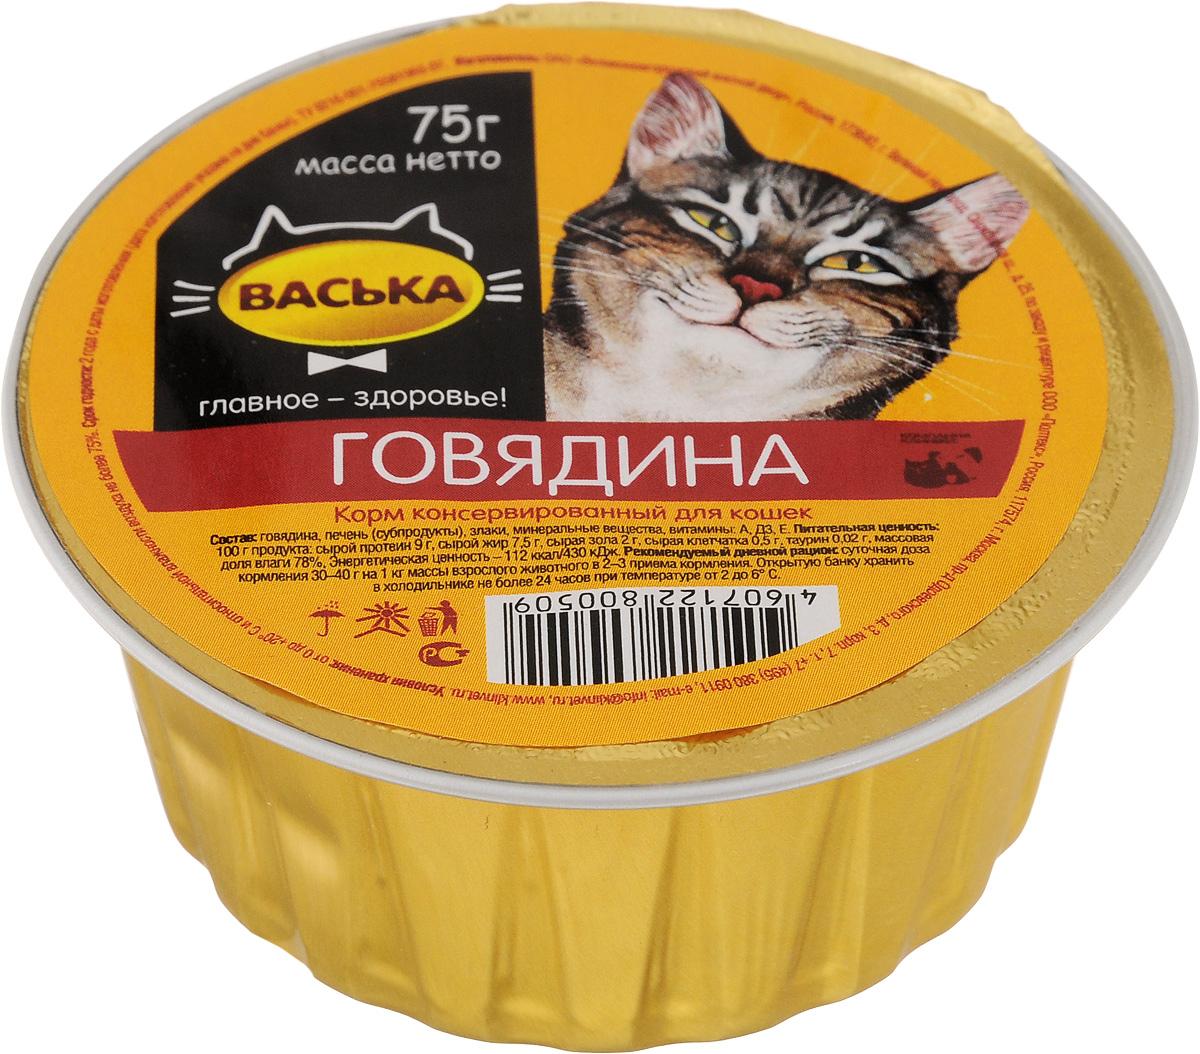 Консервы для кошек Васька, говядина, 75 г0120710Консервированный корм Васька - это сбалансированное и полнорационное питание, которое обеспечит вашего питомца необходимыми белками, жирами, витаминами и микроэлементами. Нежный паштет порадует кошек любых возрастов и вкусовых предпочтений. Высокий процент содержания влаги в продукте является отличной профилактикой возникновения мочекаменной болезни. Говядина - естественный источник белков и жиров, которые легко усваиваются в организме животного и не нагружают обмен веществ и пищеварение. В корме также содержатся калий, цинк, легко усваиваемые формы железа, биофлавоноиды и витамины группы В. Корм абсолютно натуральный, не содержит ГМО, ароматизаторов и искусственных красителей. Удобная одноразовая упаковка сохраняет корм свежим и позволяет контролировать порцию потребления.Товар сертифицирован.